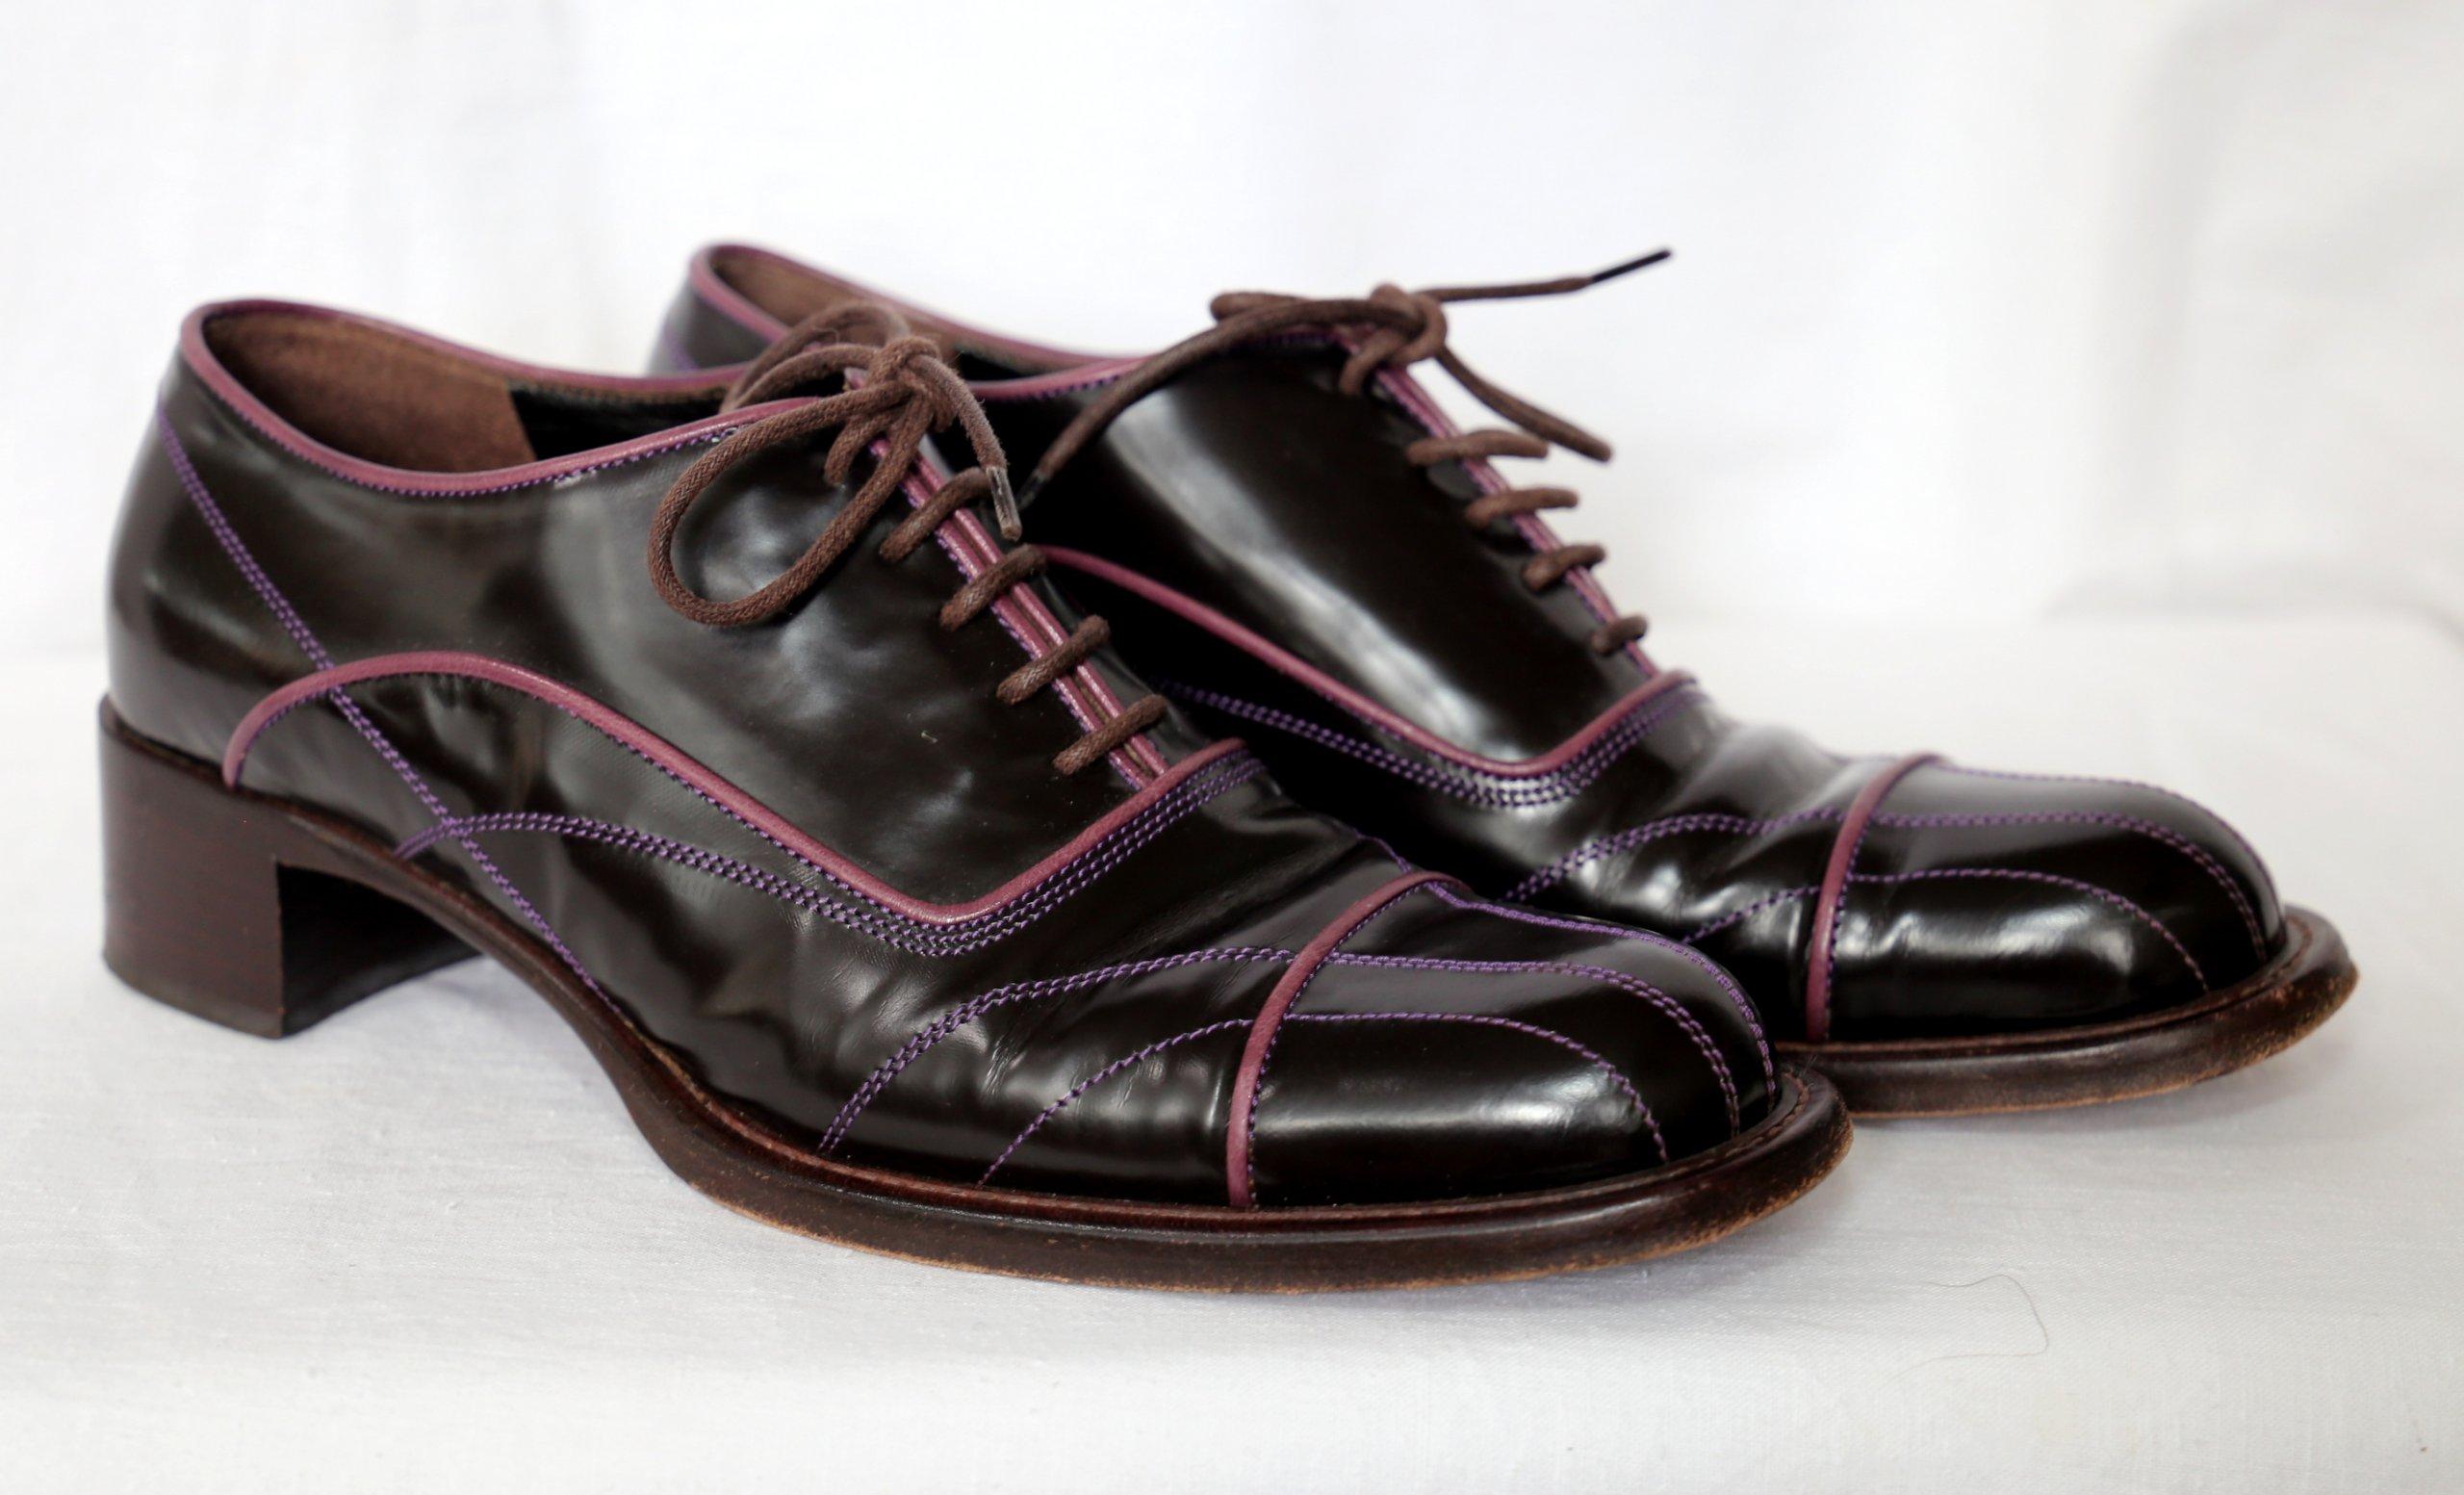 67220b5138a52 Skórzane buty PRADA rozm . 36 1/2 - 7267949062 - oficjalne archiwum allegro